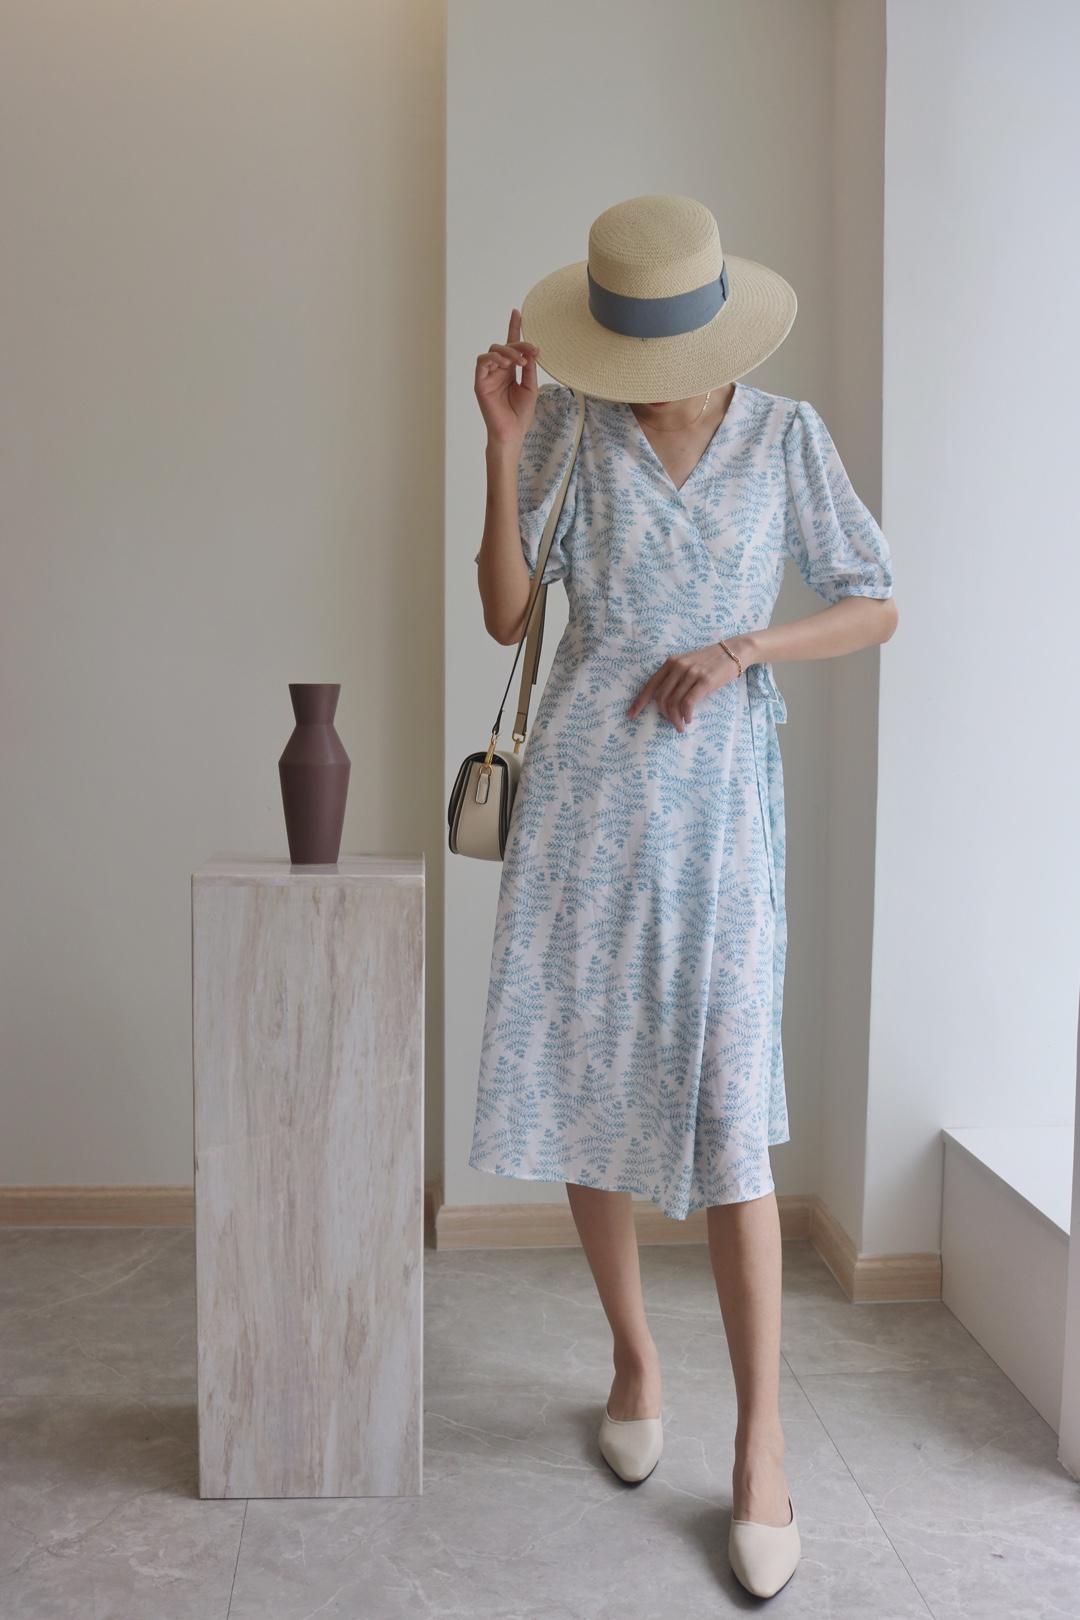 #盘点对梨形身材友好的裙子# 蓝色是很舒服的颜色💙 淡淡的蓝色花纹印在白裙子上 会很淡雅 也是过膝的长度 乖巧又好看的💓 收腰设计 隔壁绑带 小细节获人心 搭配单肩包 米色单鞋 整体就很温柔气质哦❤️